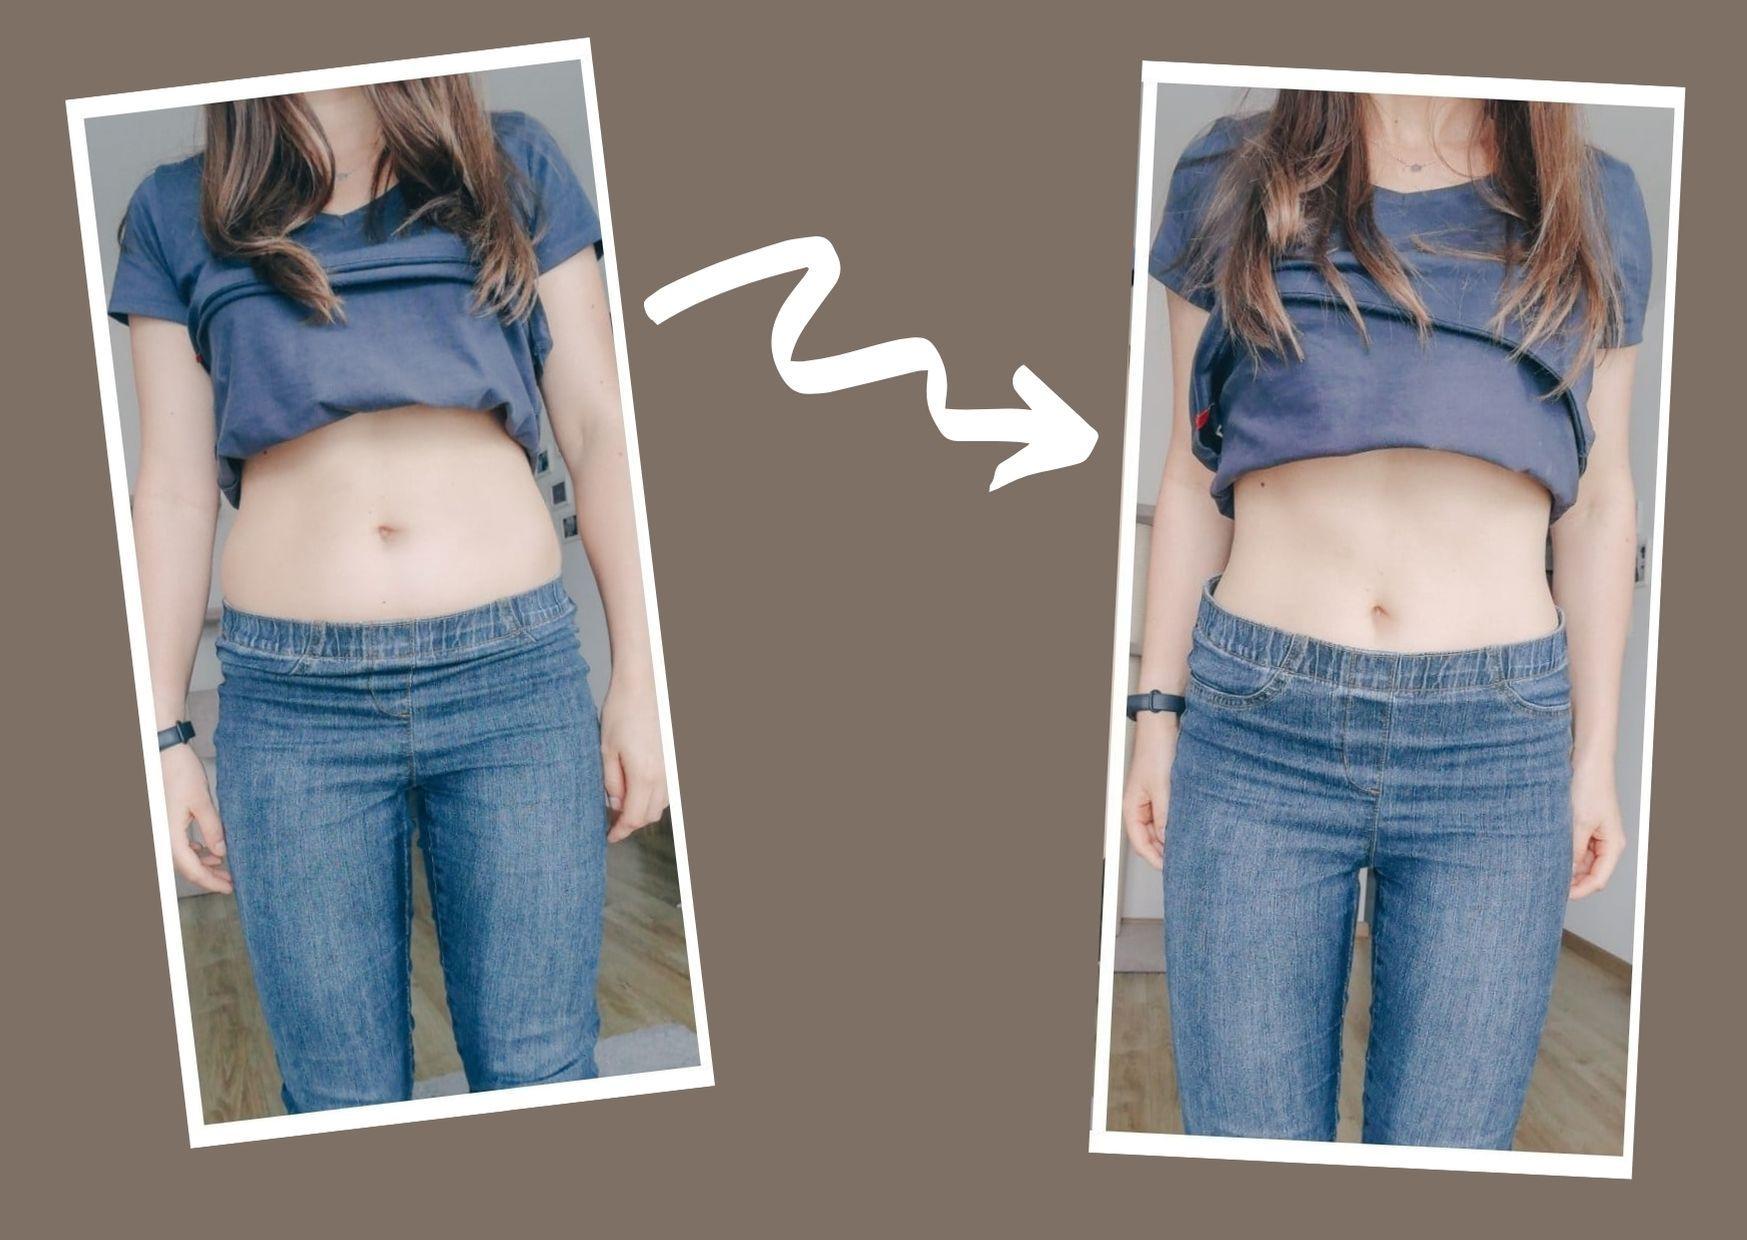 jak schudnąć bez efektu jojo?